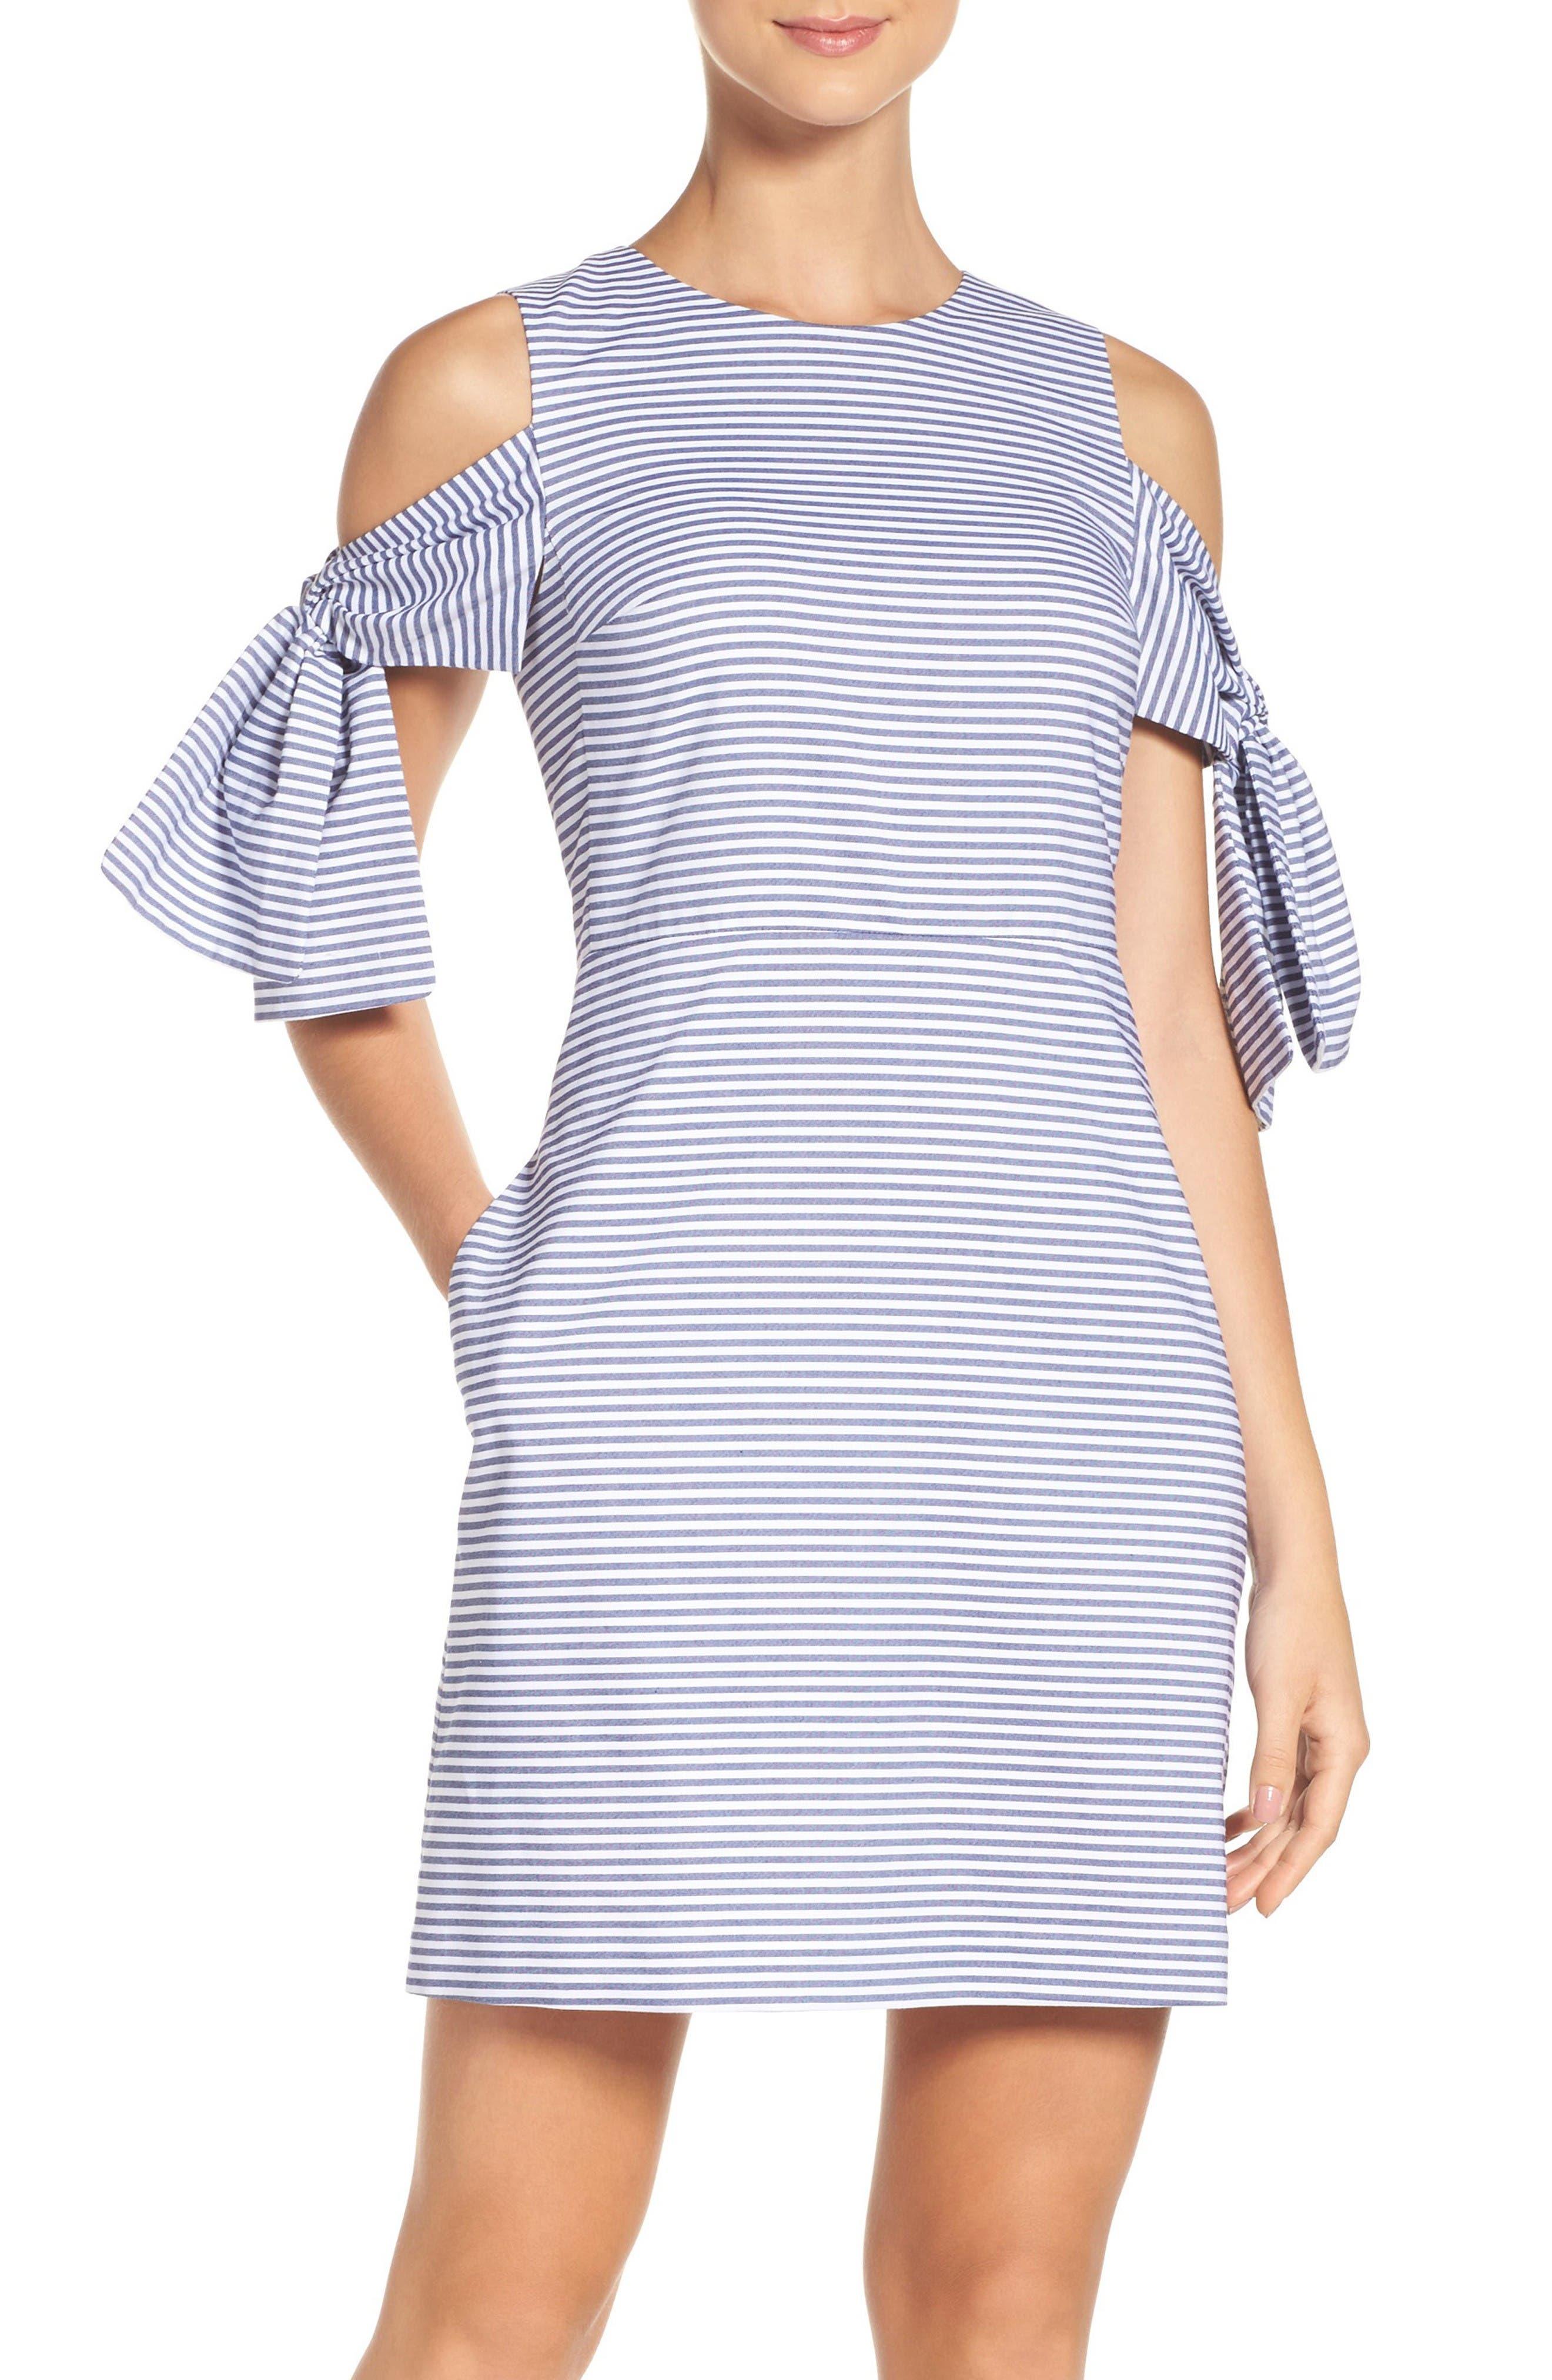 Main Image - Chelsea28 Cold Shoulder Shift Dress